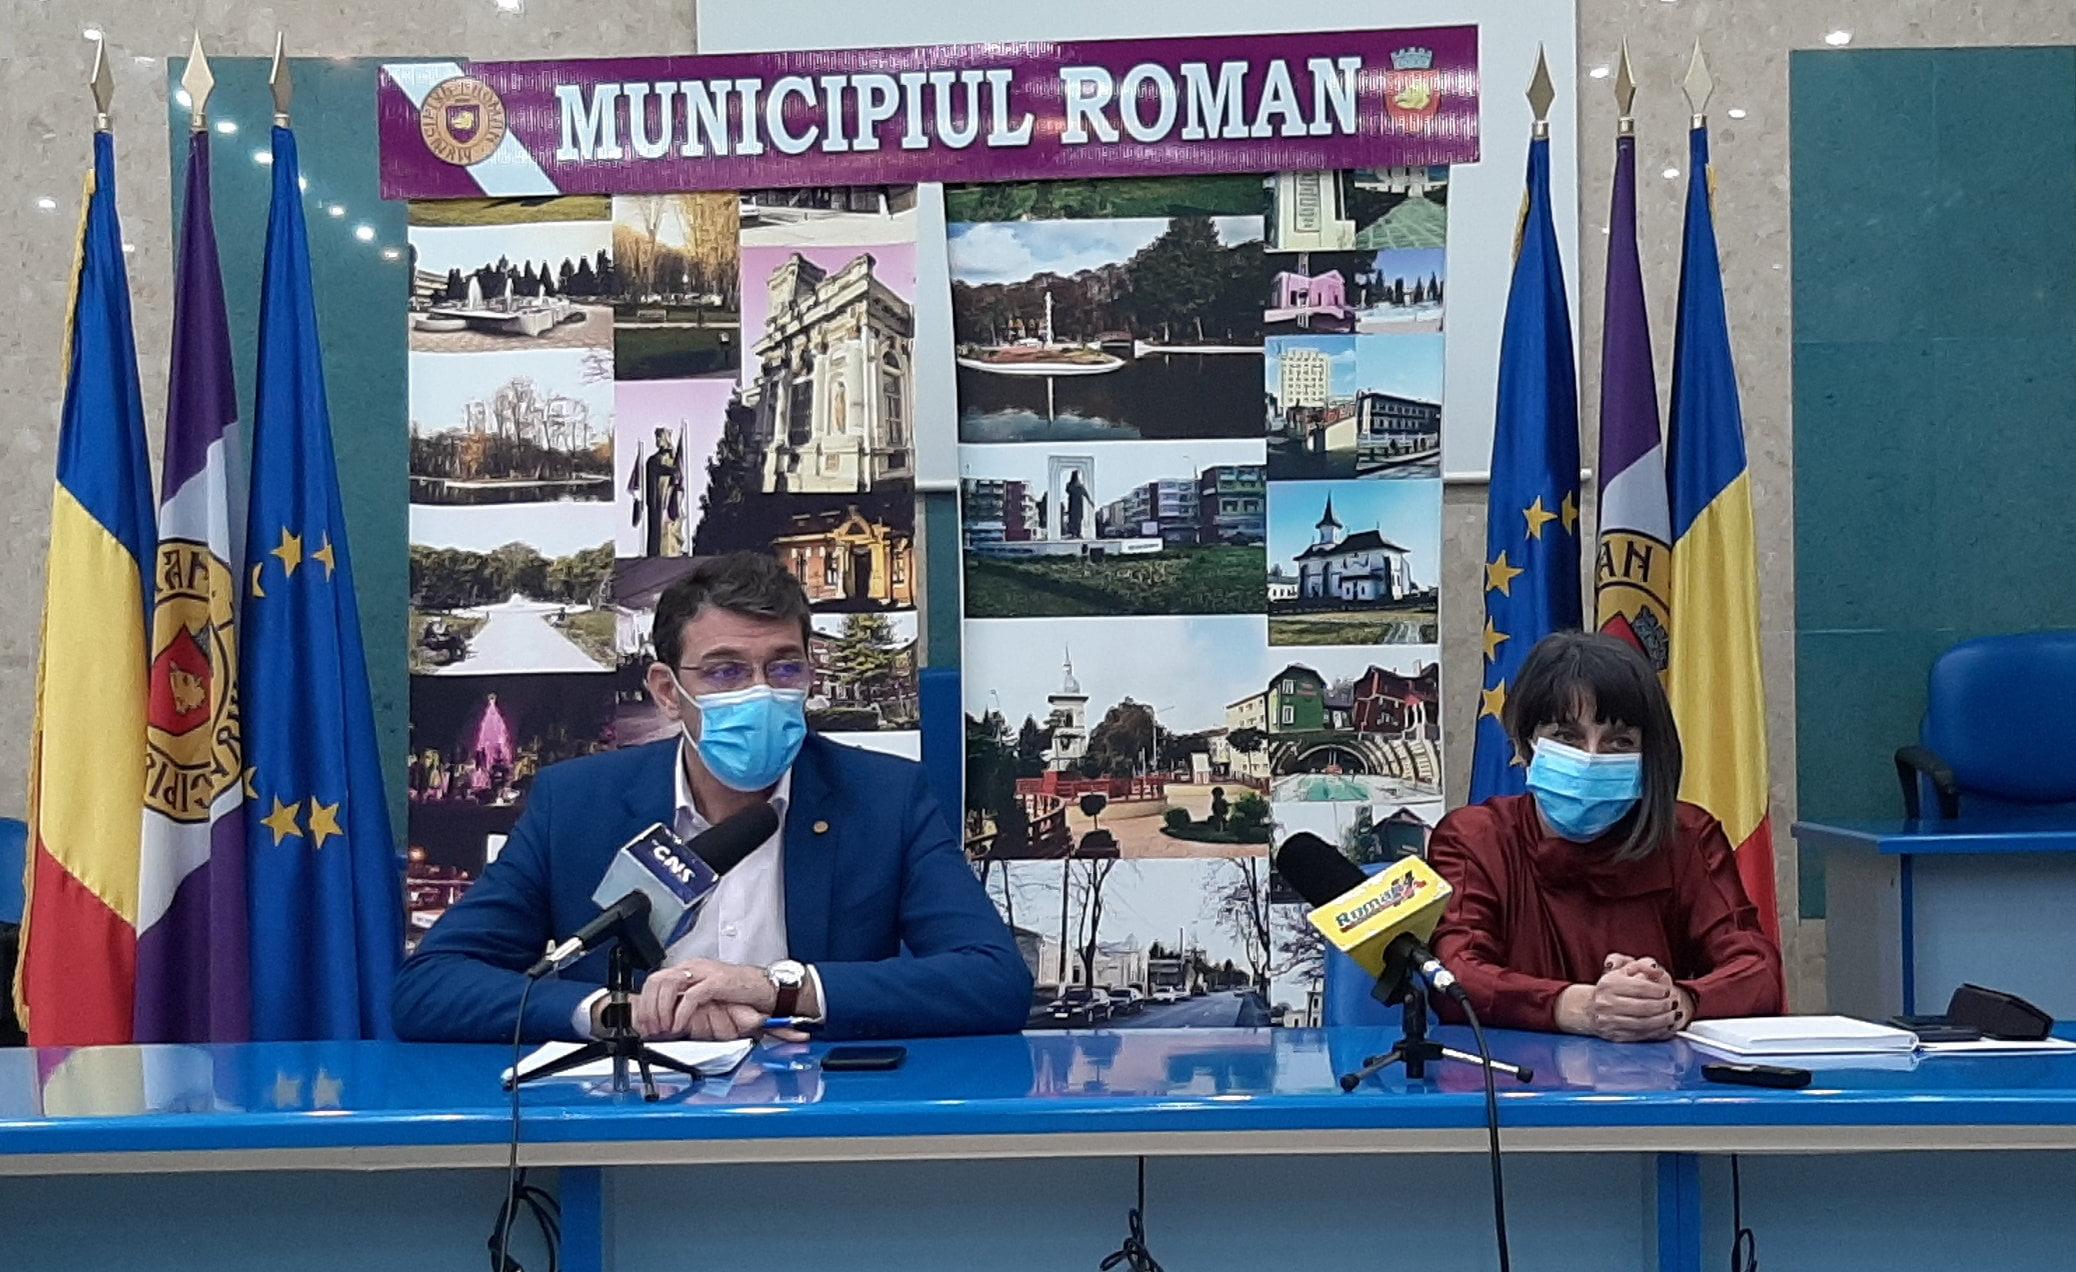 Noul director medical al Spitalului Roman: ședințe de consiliere în comunicare pentru angajații spitalului